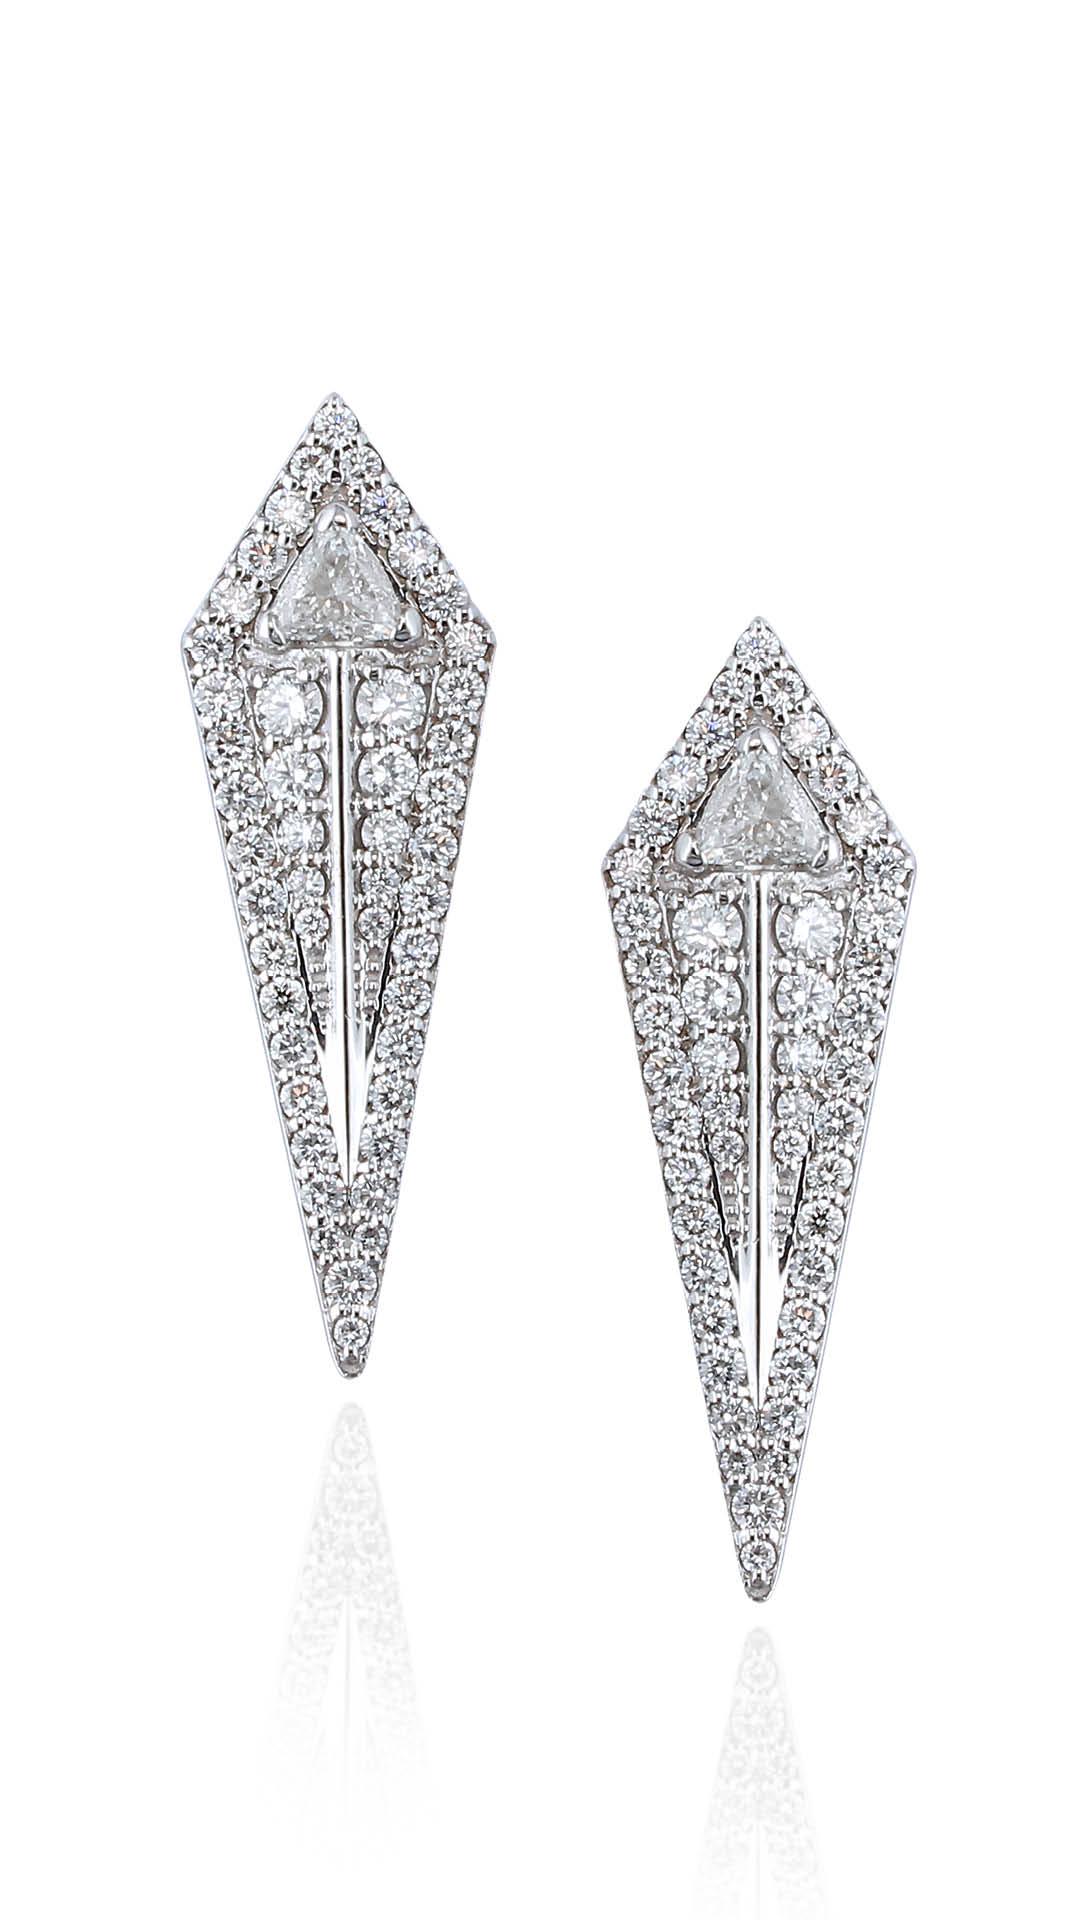 Alessa-Jewelry-Amara-Arrow-Studs